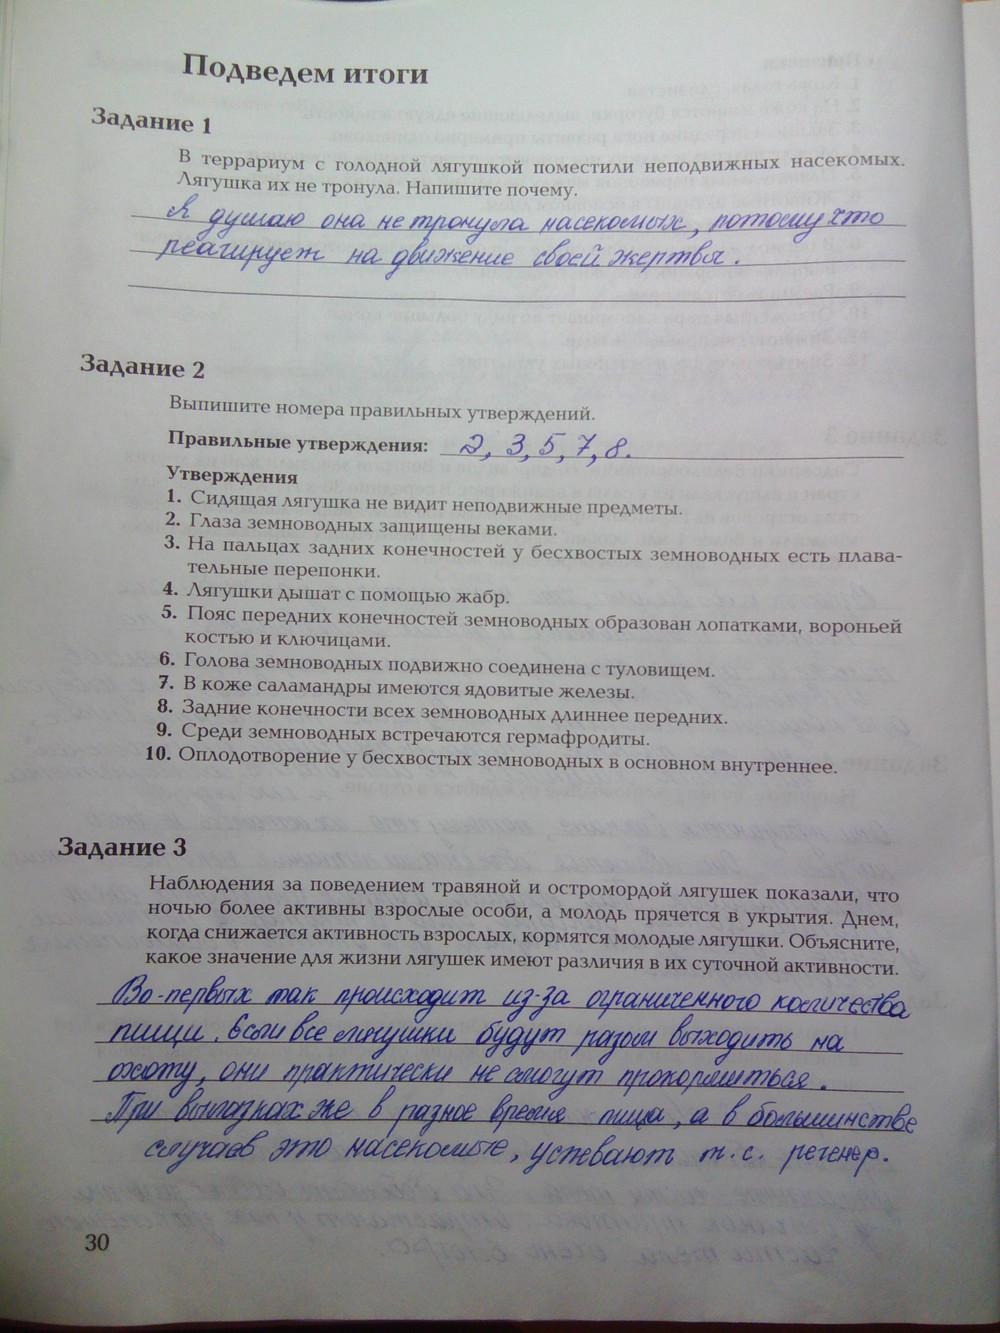 Биология 7 класс суматохин фиолетовая тетрадь гдз